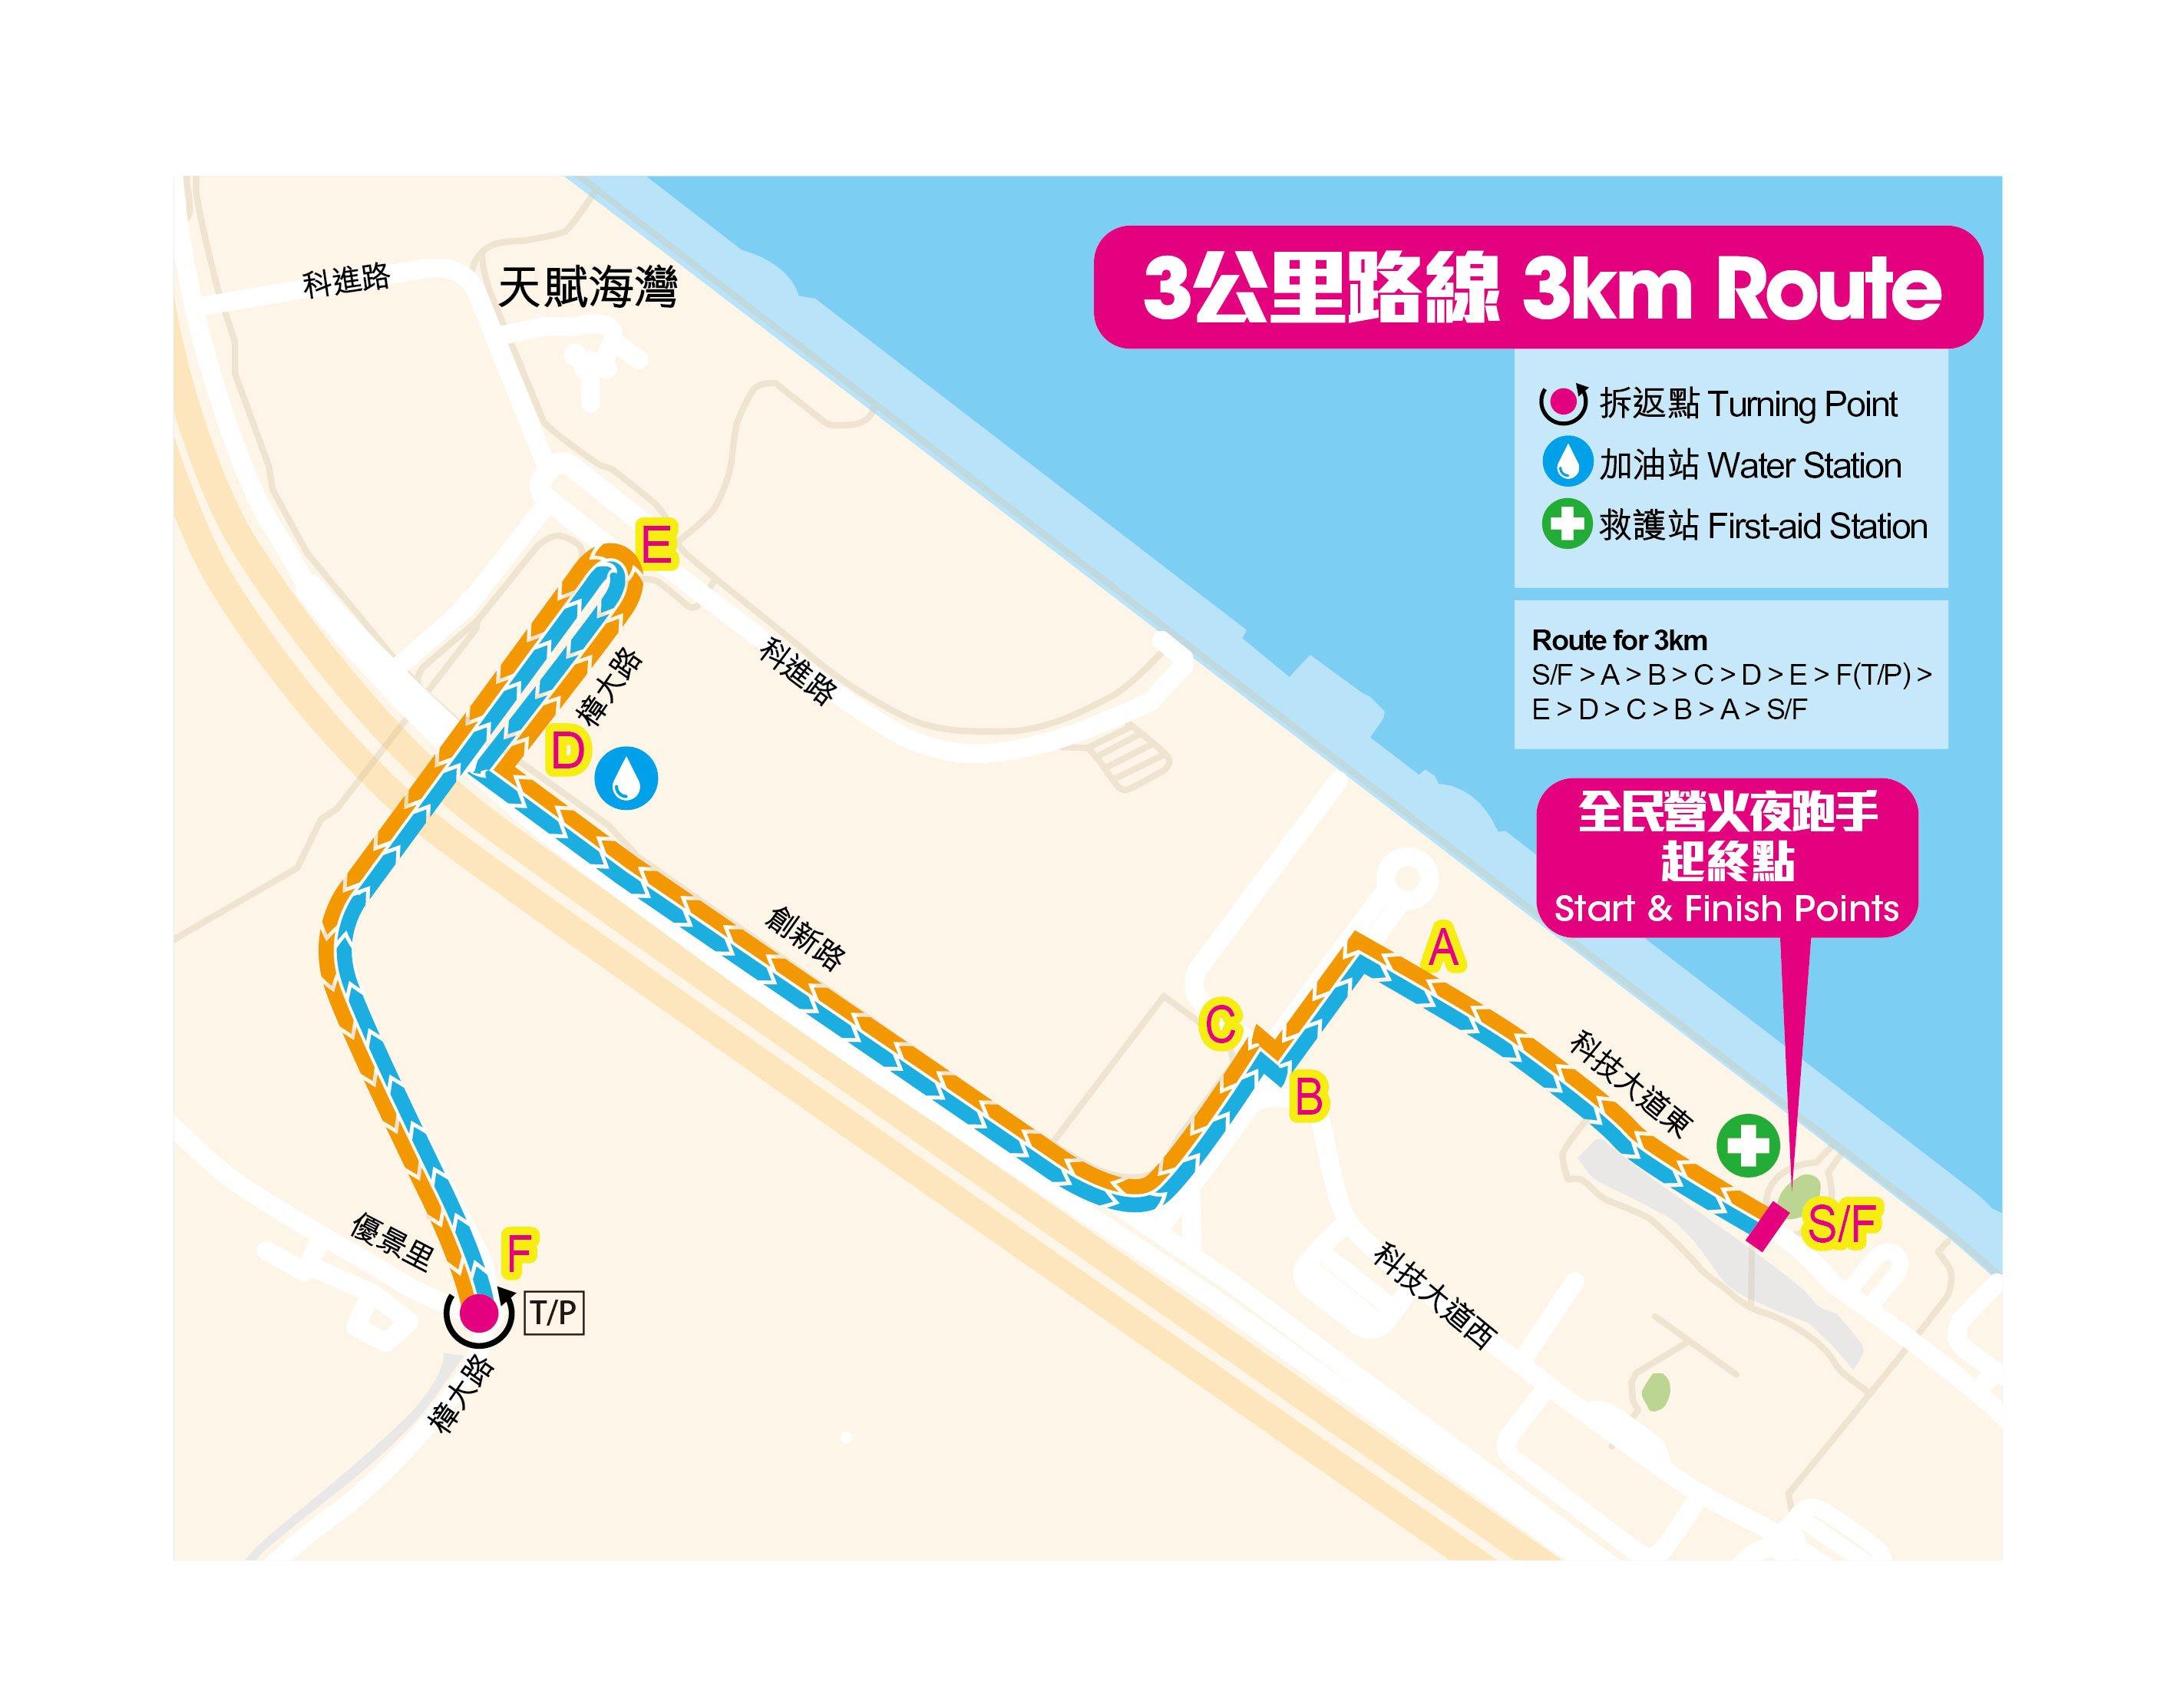 Let's Run x Mizuno 2016_3K Map_V3